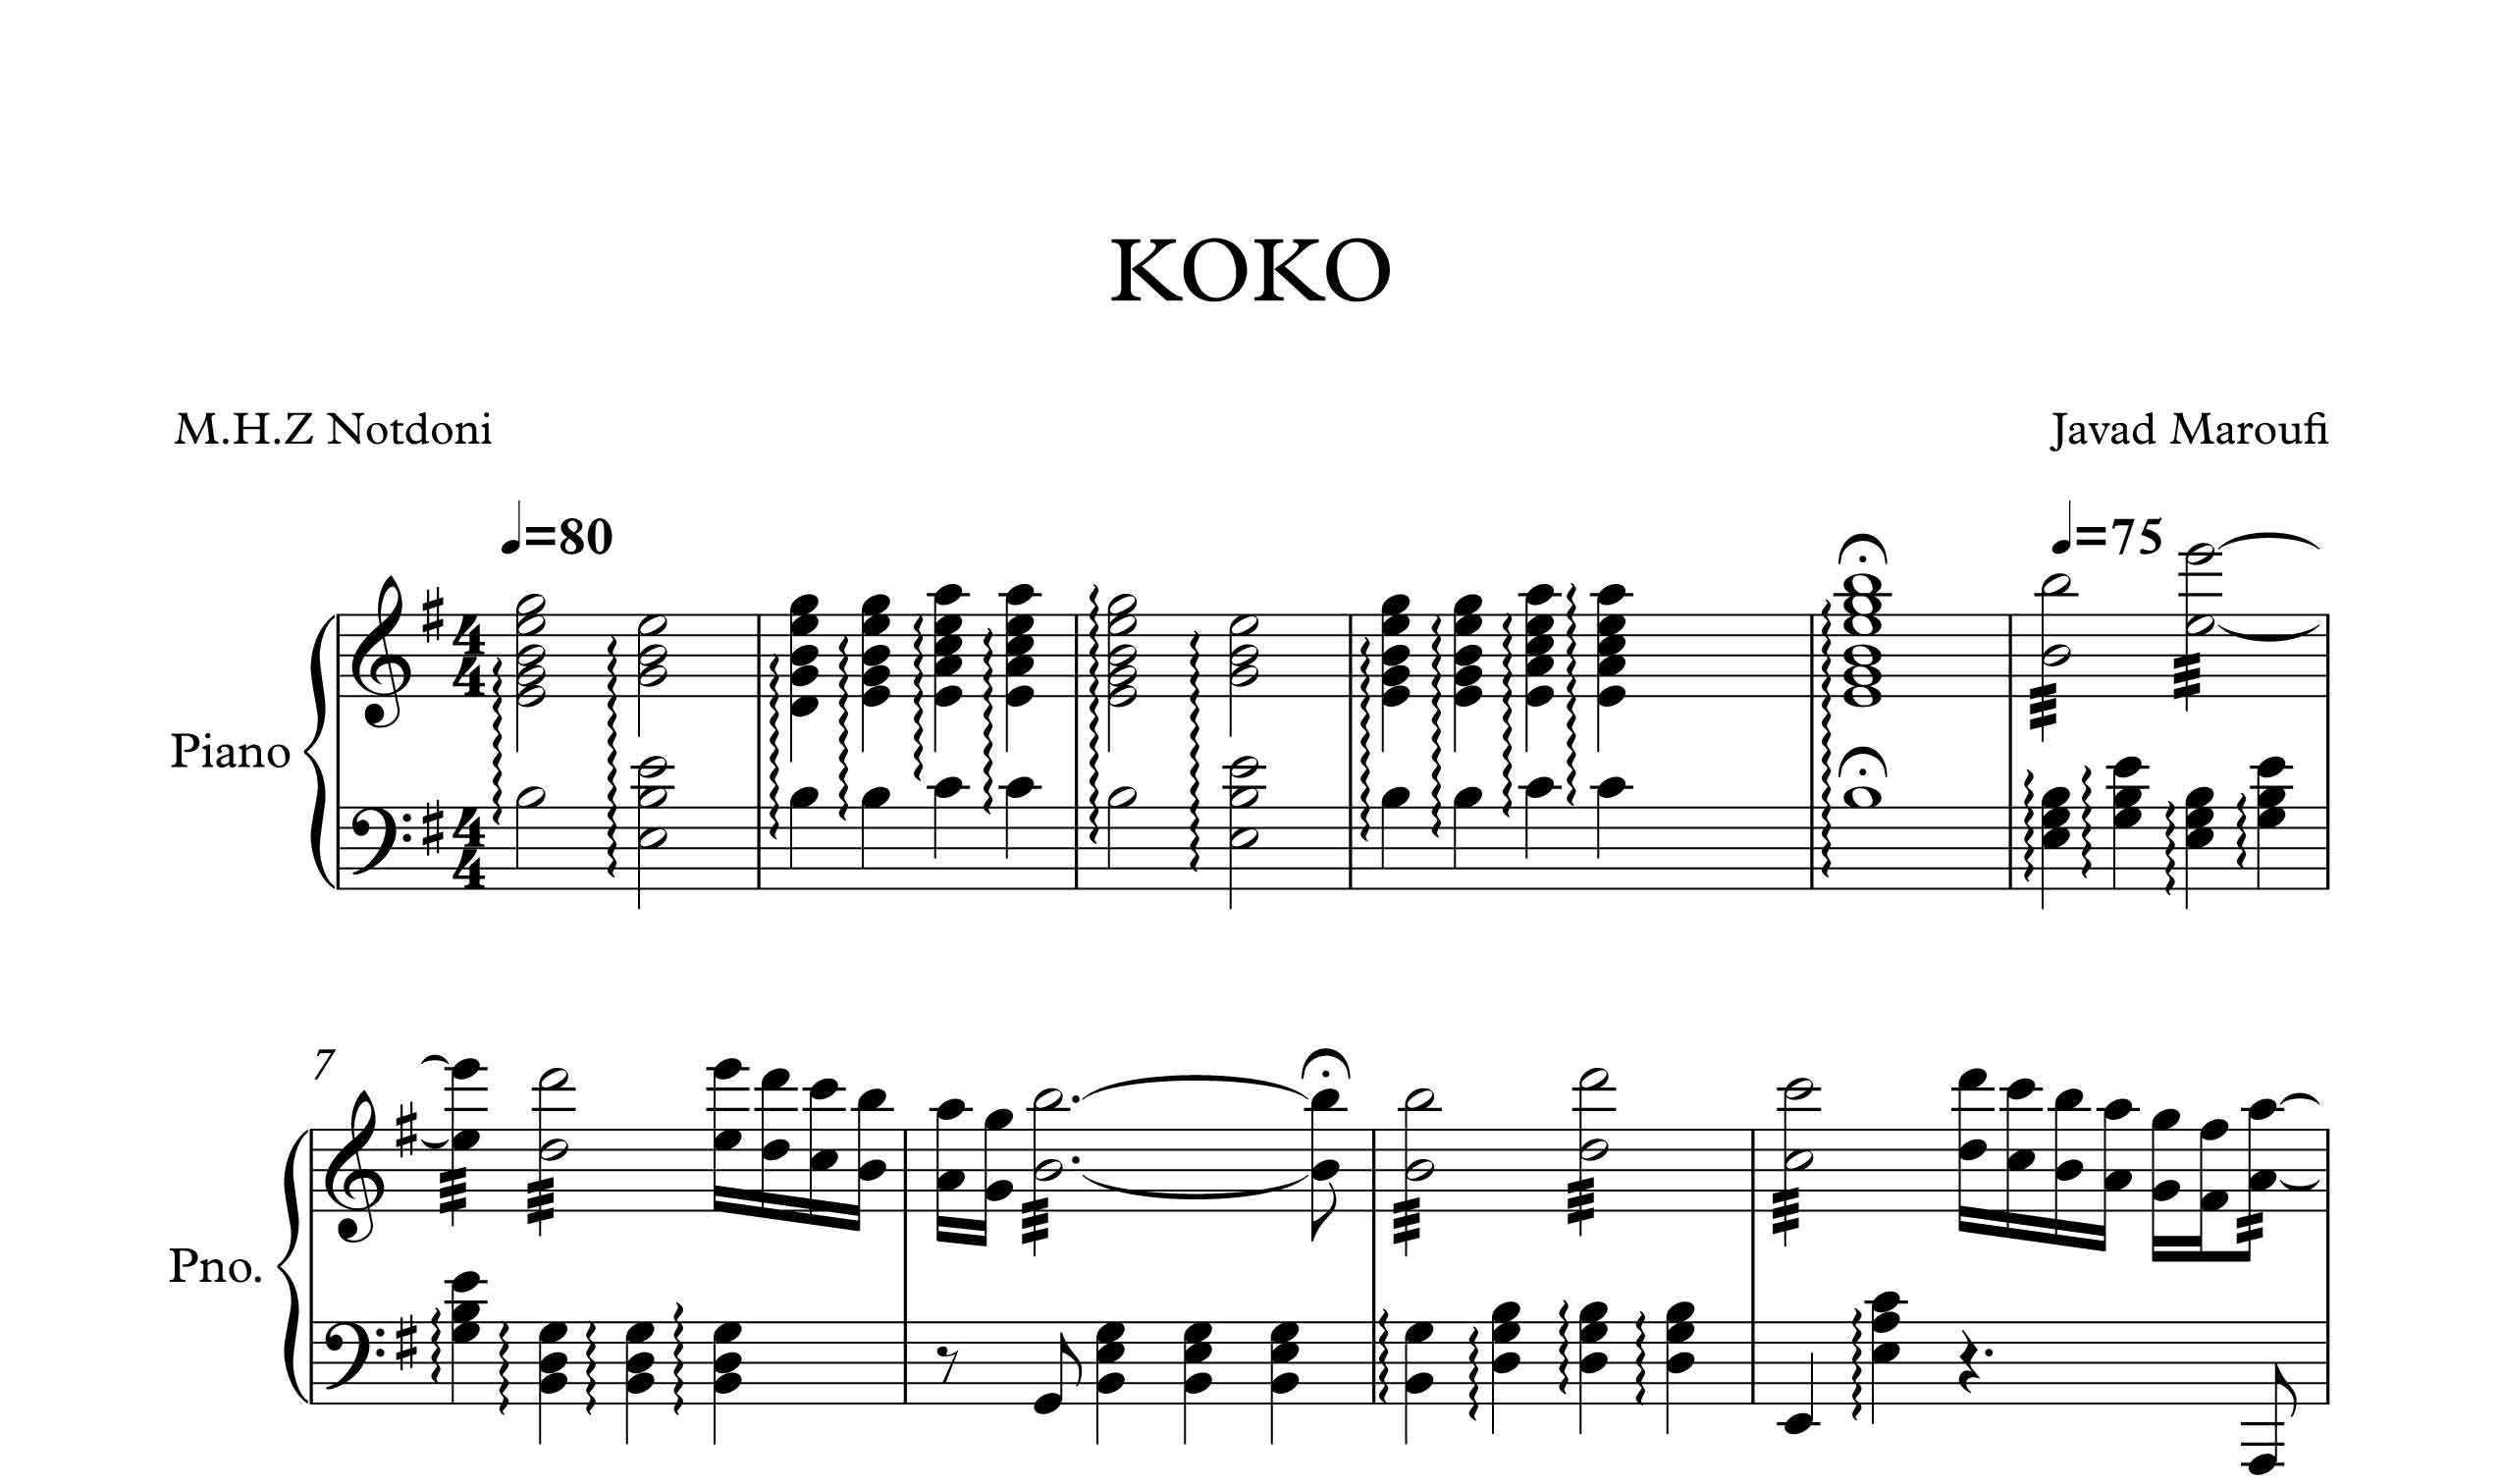 نت پیانوی کوکو از جواد معروفی